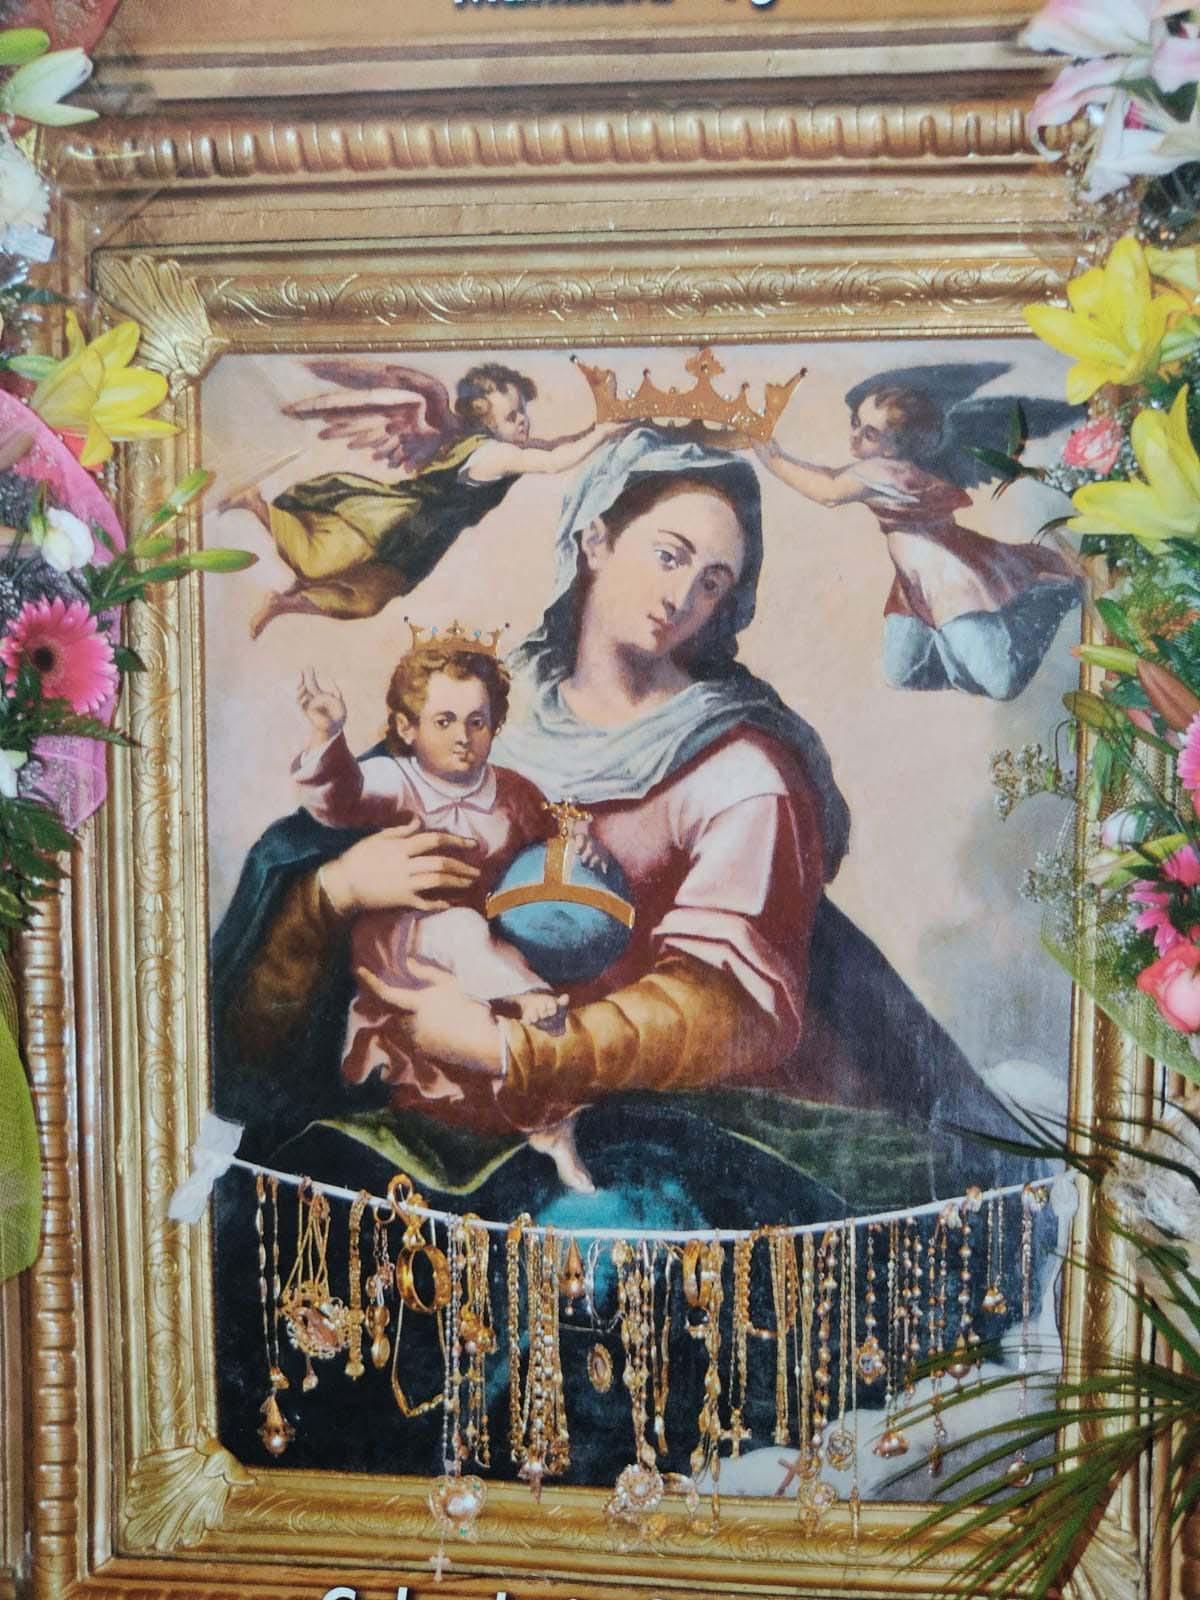 Copia della Madonna della Luce su legno commissionata dopo il furto e realizzata dalla stamperia Fratelli Alinari di Firenze, ancora oggi venerata dal popolo mattinatese